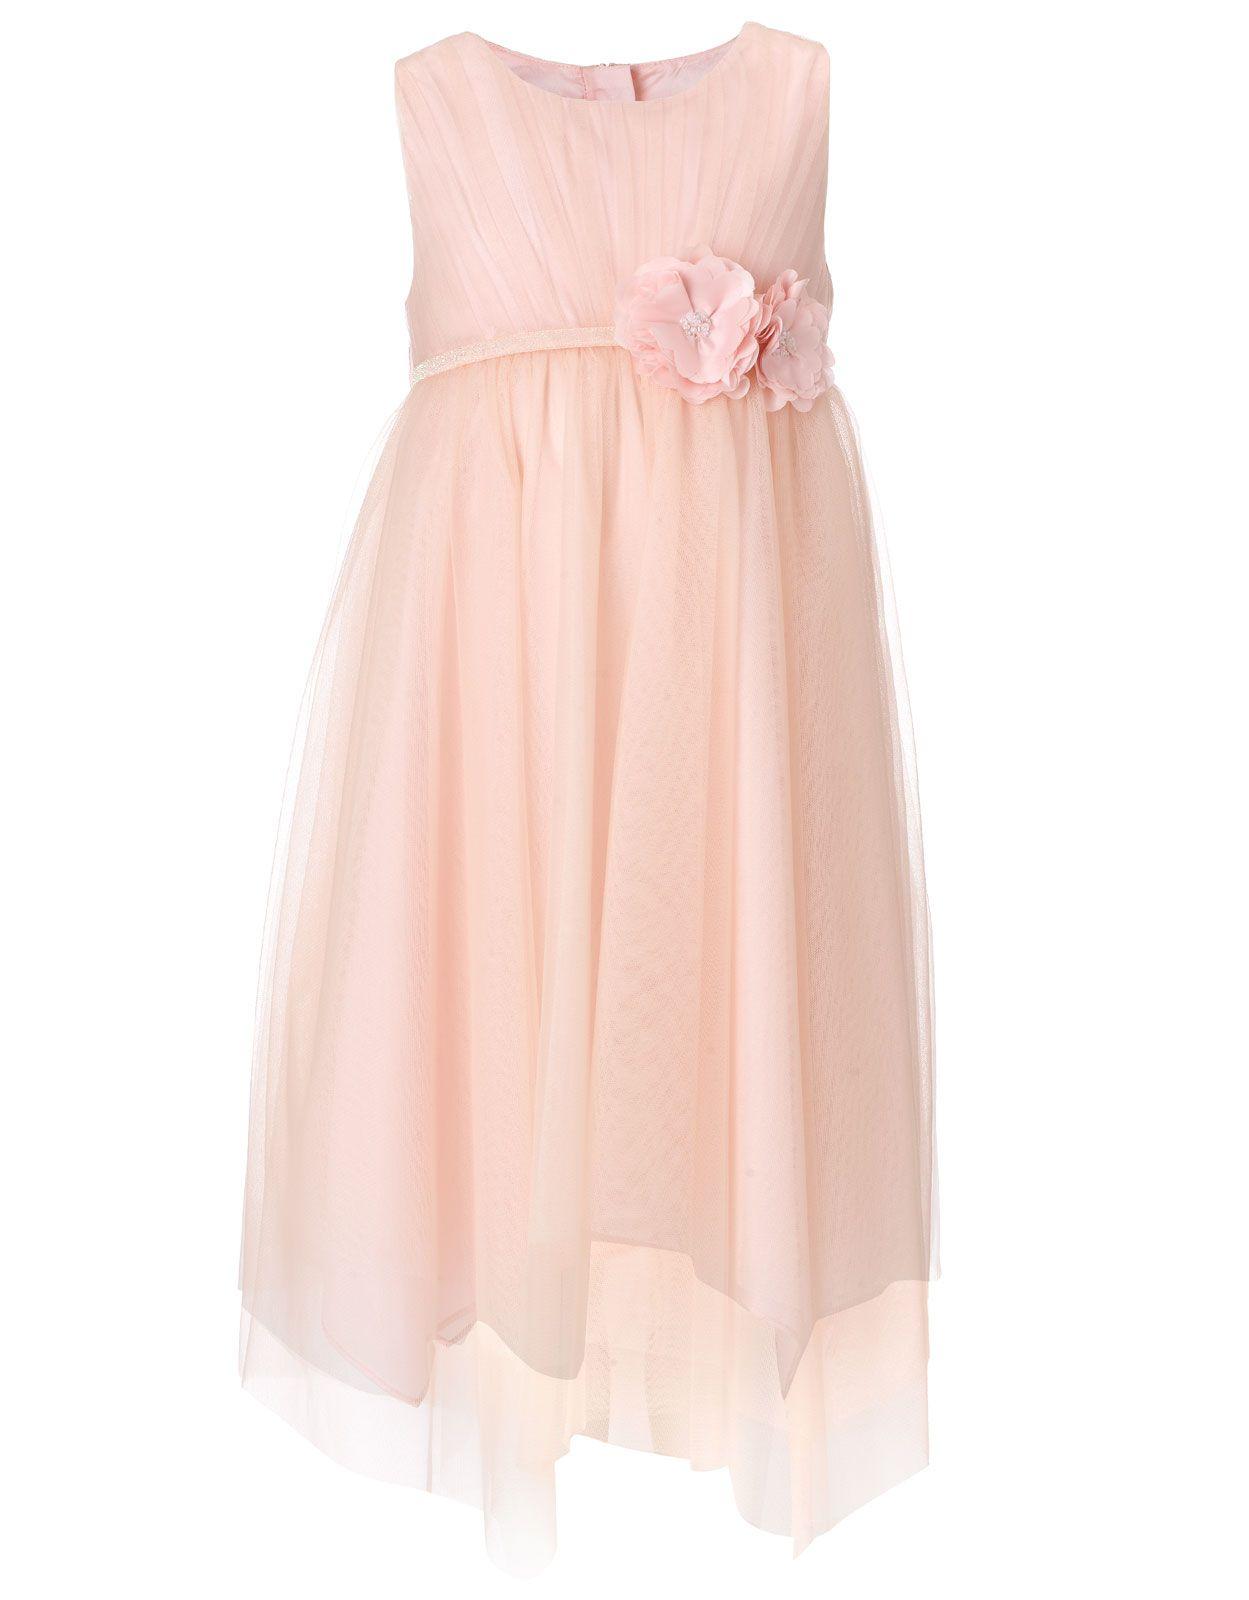 c6ef3fa0f80 Valentina Glitter Dress  Jr. Bridesmaid! Pink Bridesmaid Dresses Uk